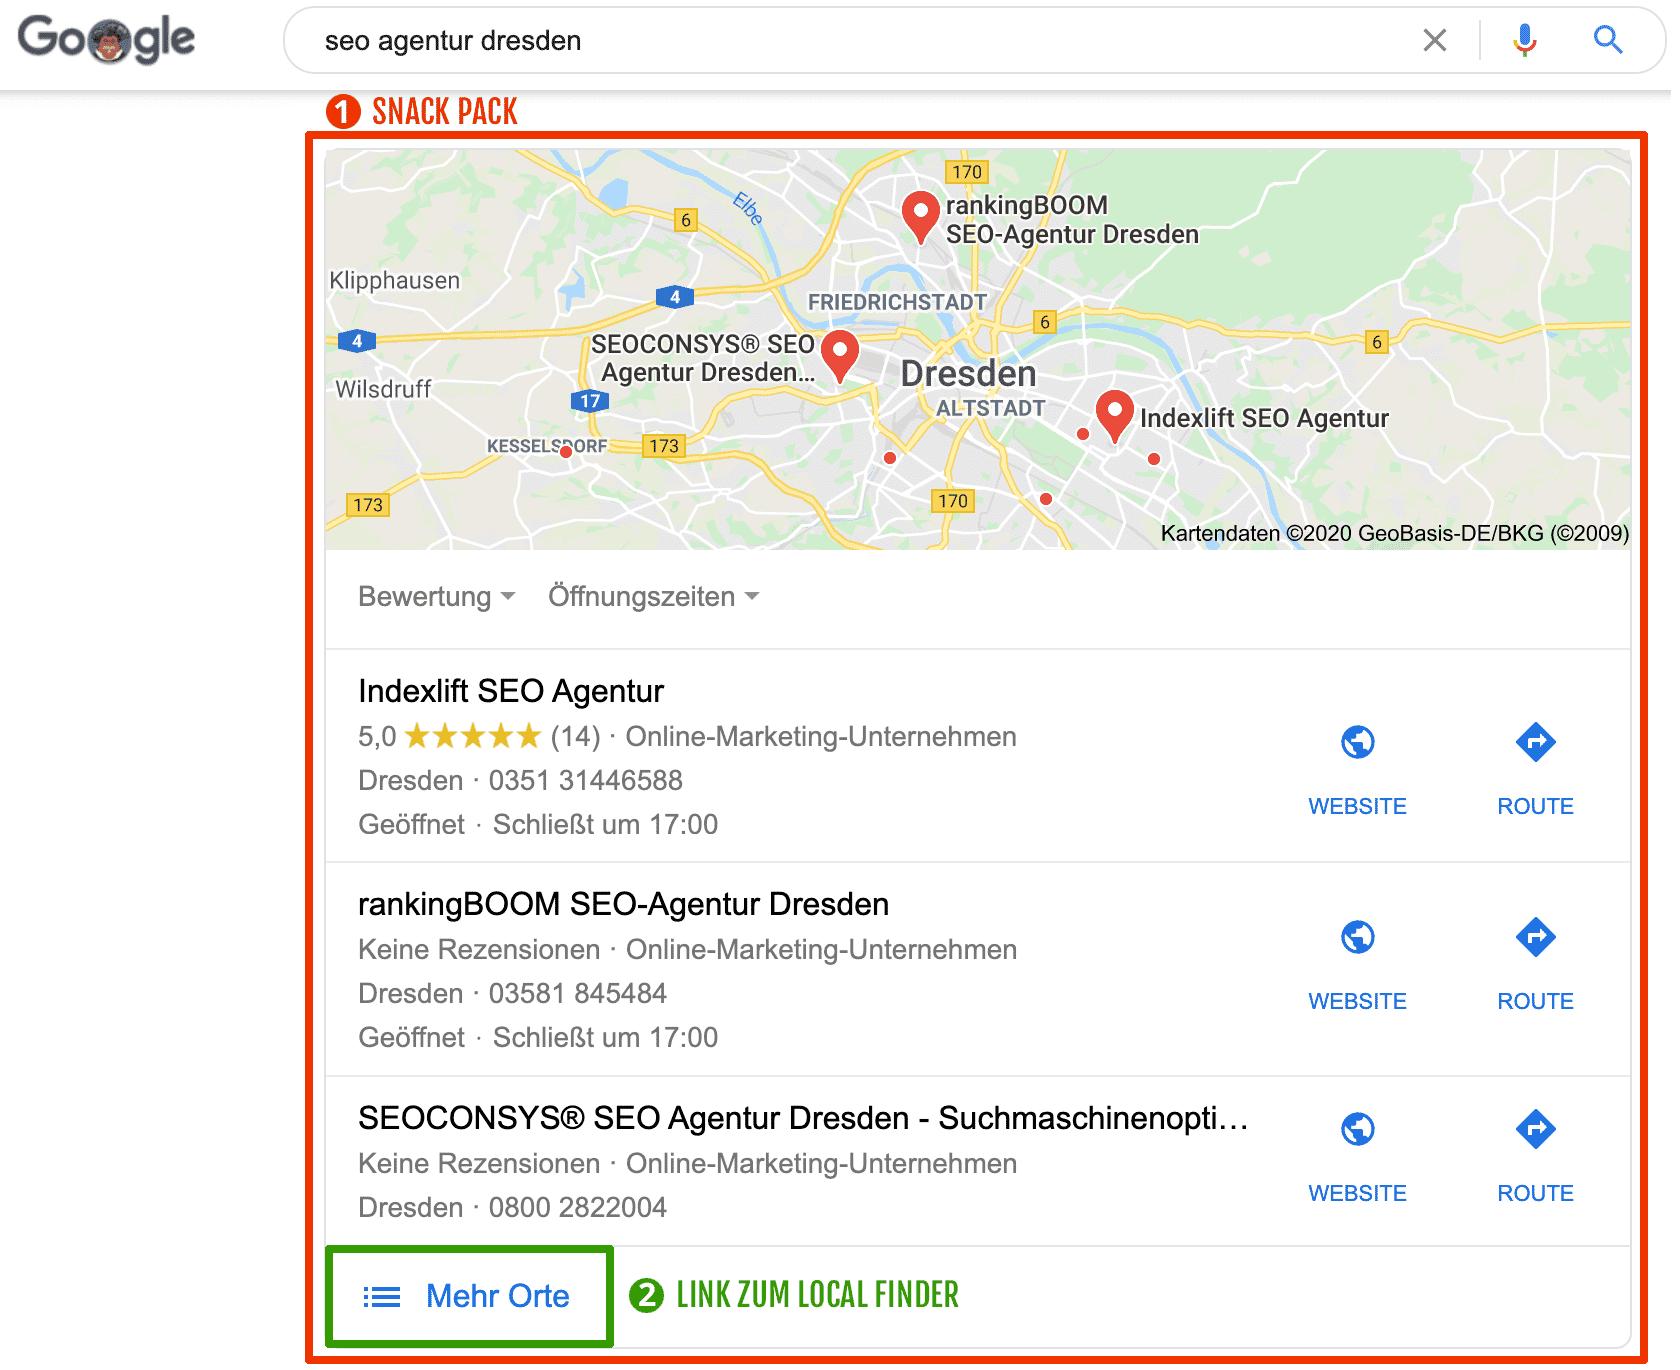 Beispiel für lokales Suchergebnis mit Snack Pack + Link zum Local Finder